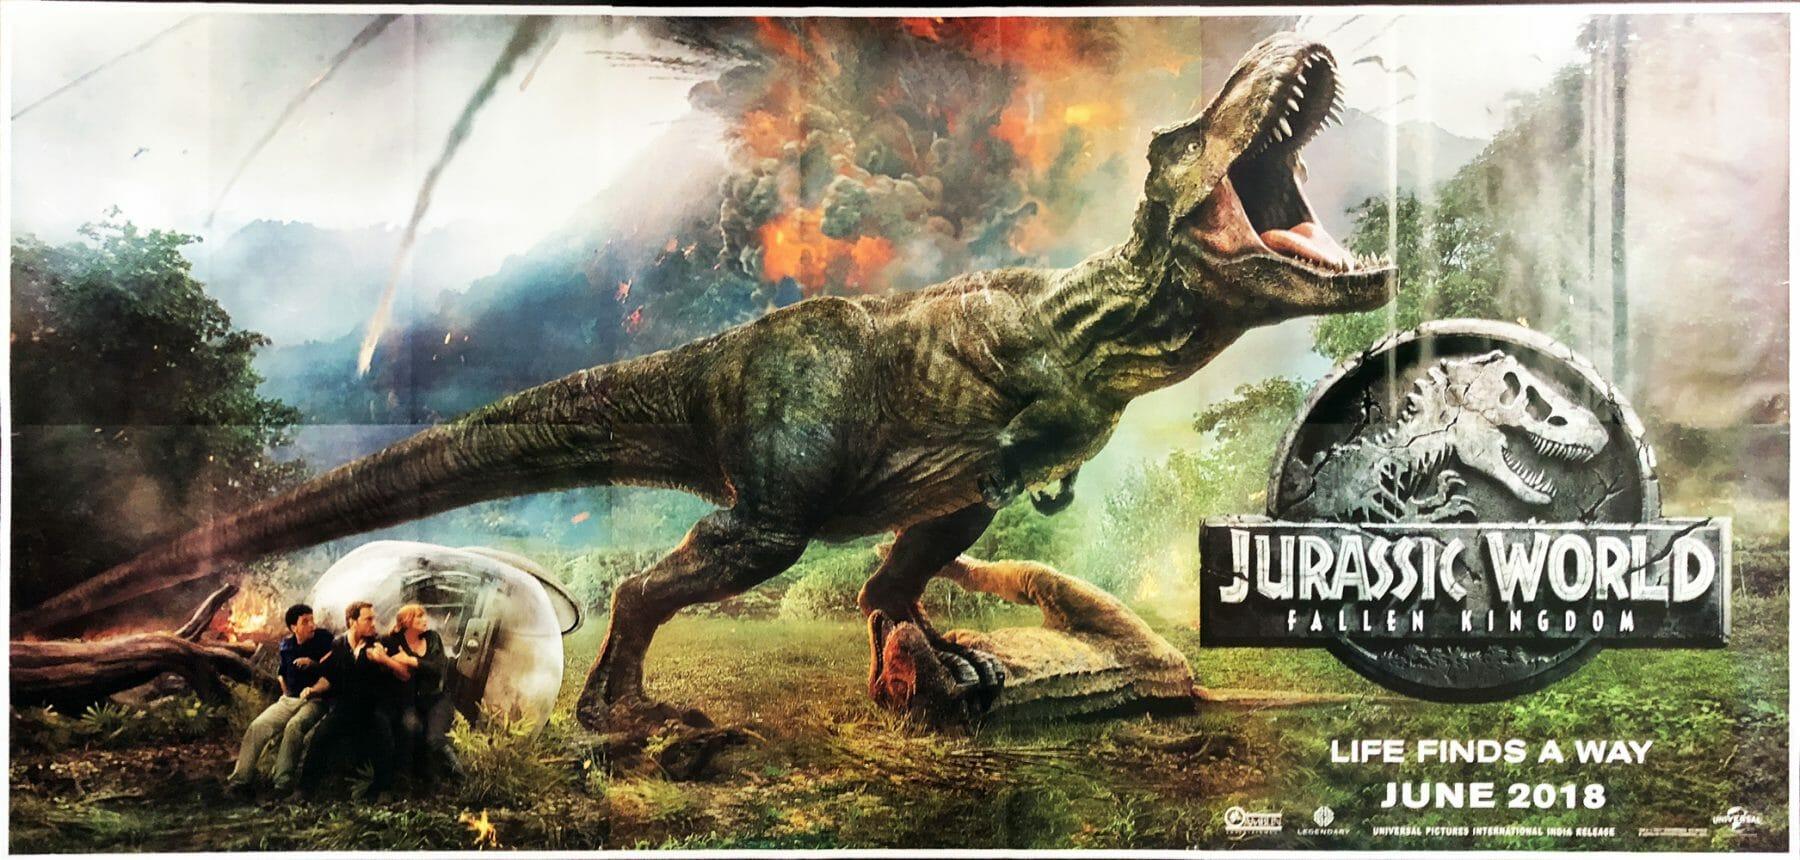 Jurassicworldfallenkingdom9